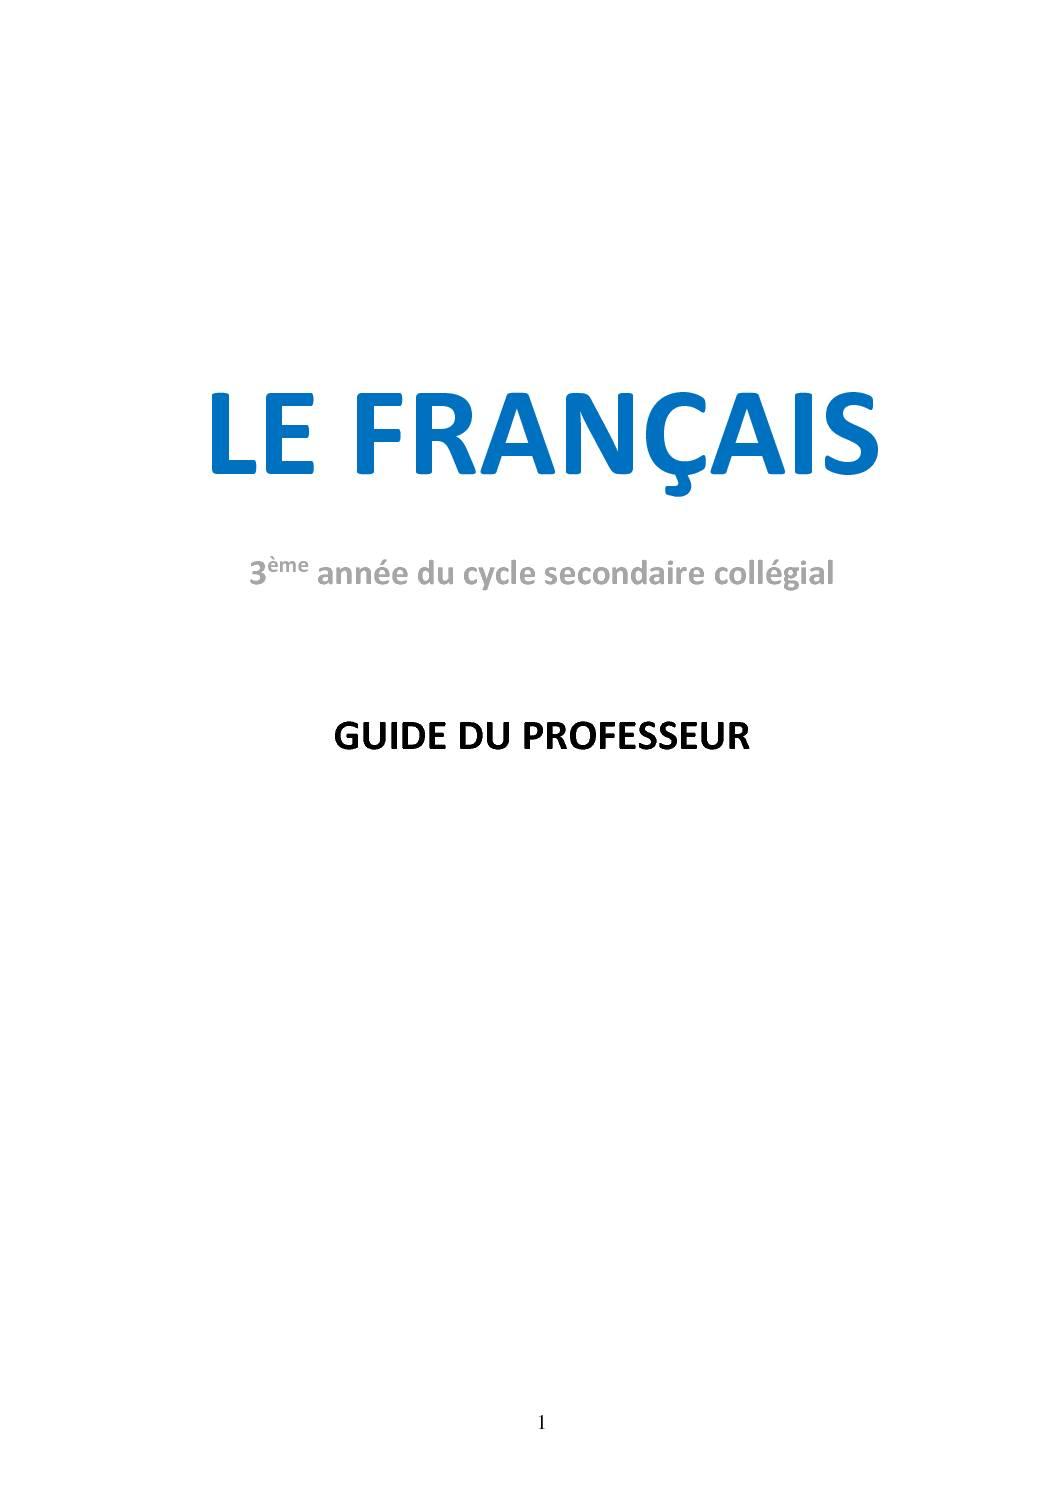 LE FRANCAIS GUIDE DU PROFESSEUR